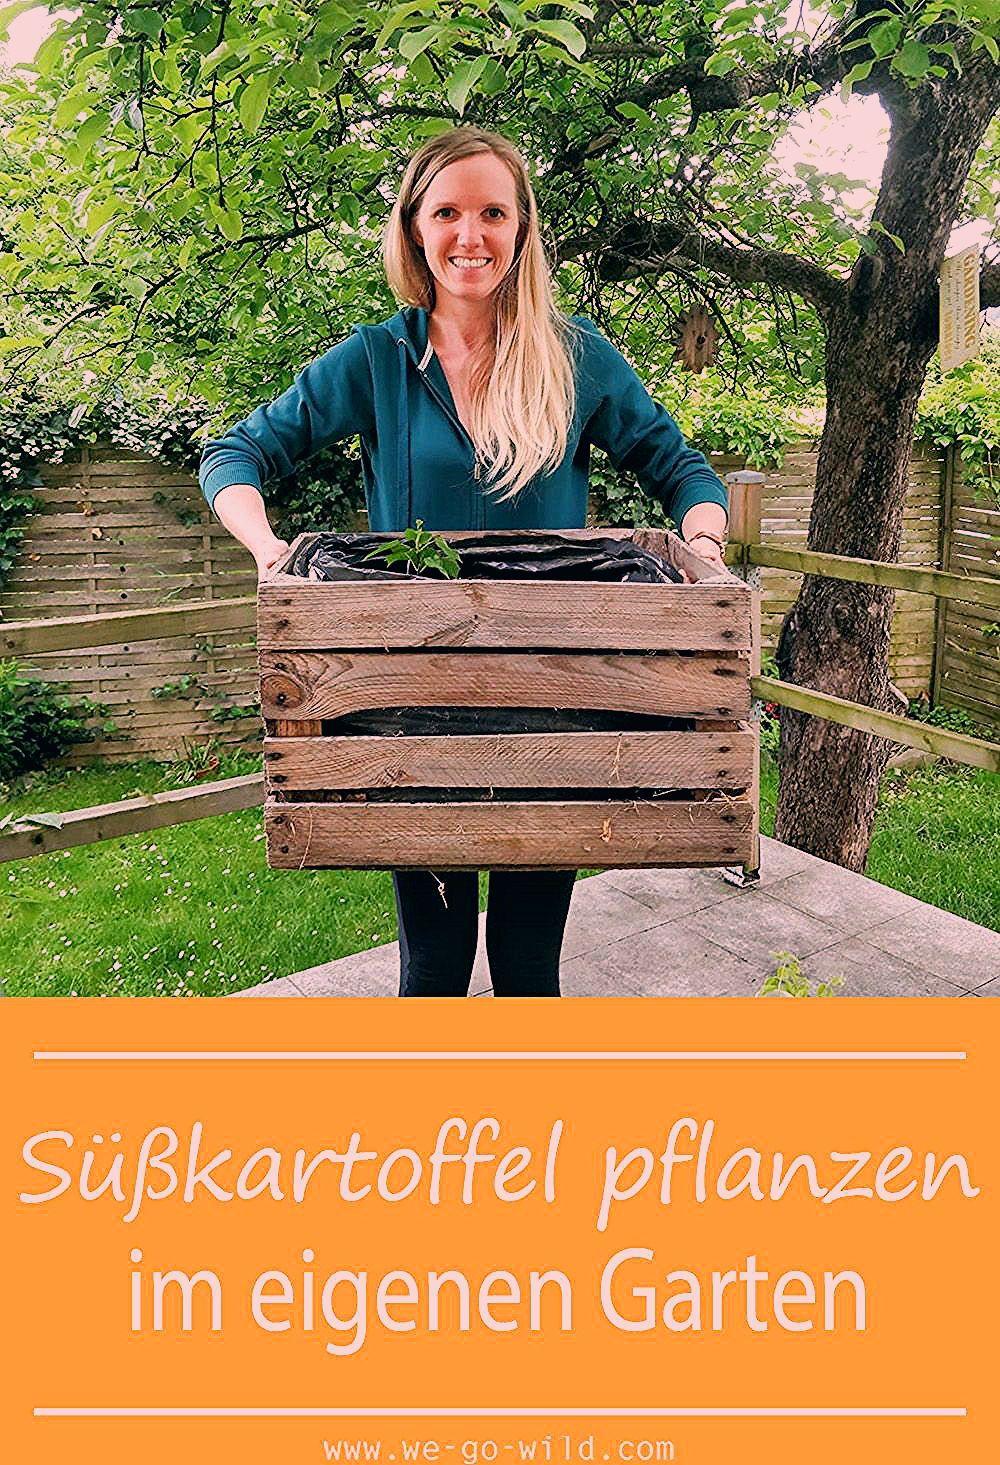 Photo of Süßkartoffel pflanzen im eigenen Garten – WE GO WILD